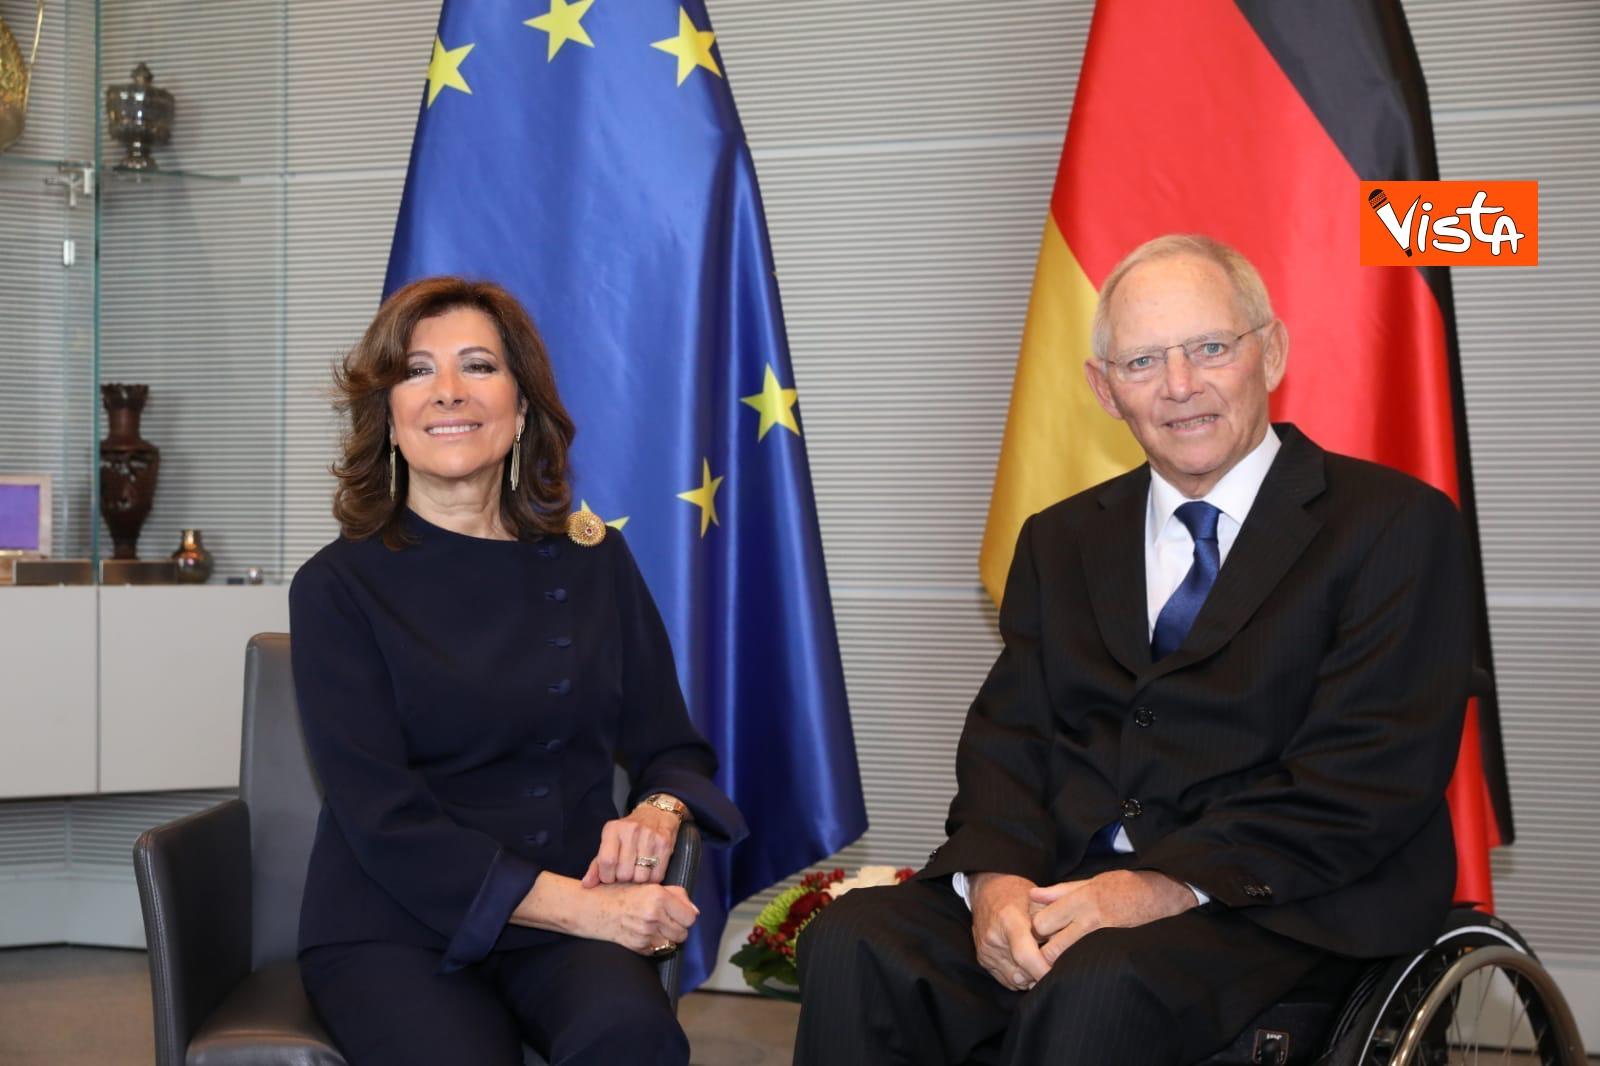 Casellati incontra il presidente del Bundestag Schauble a Berlino